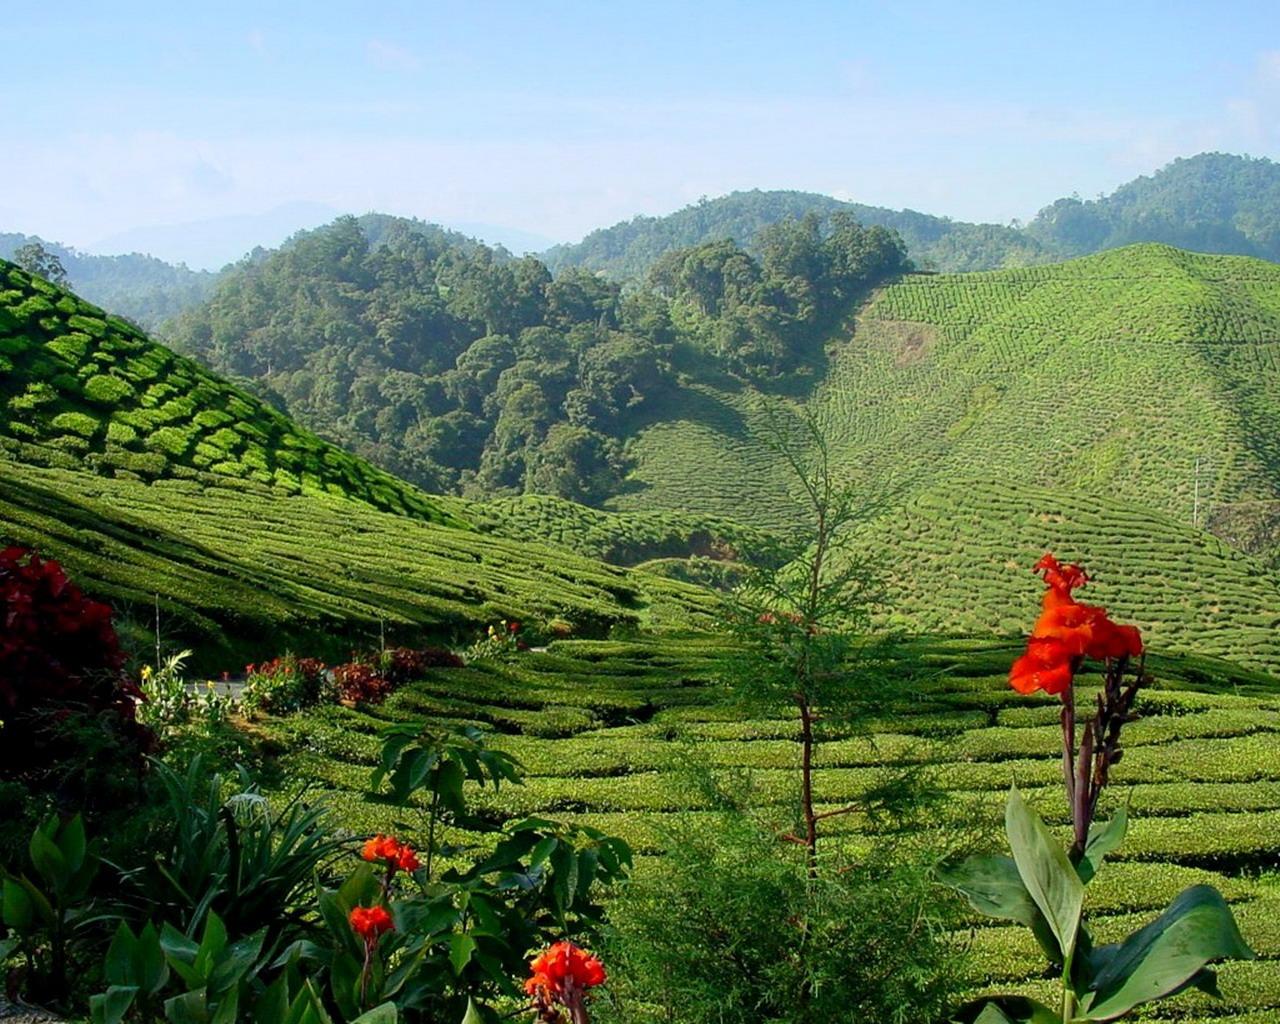 malaysia15-1615302382.jpg